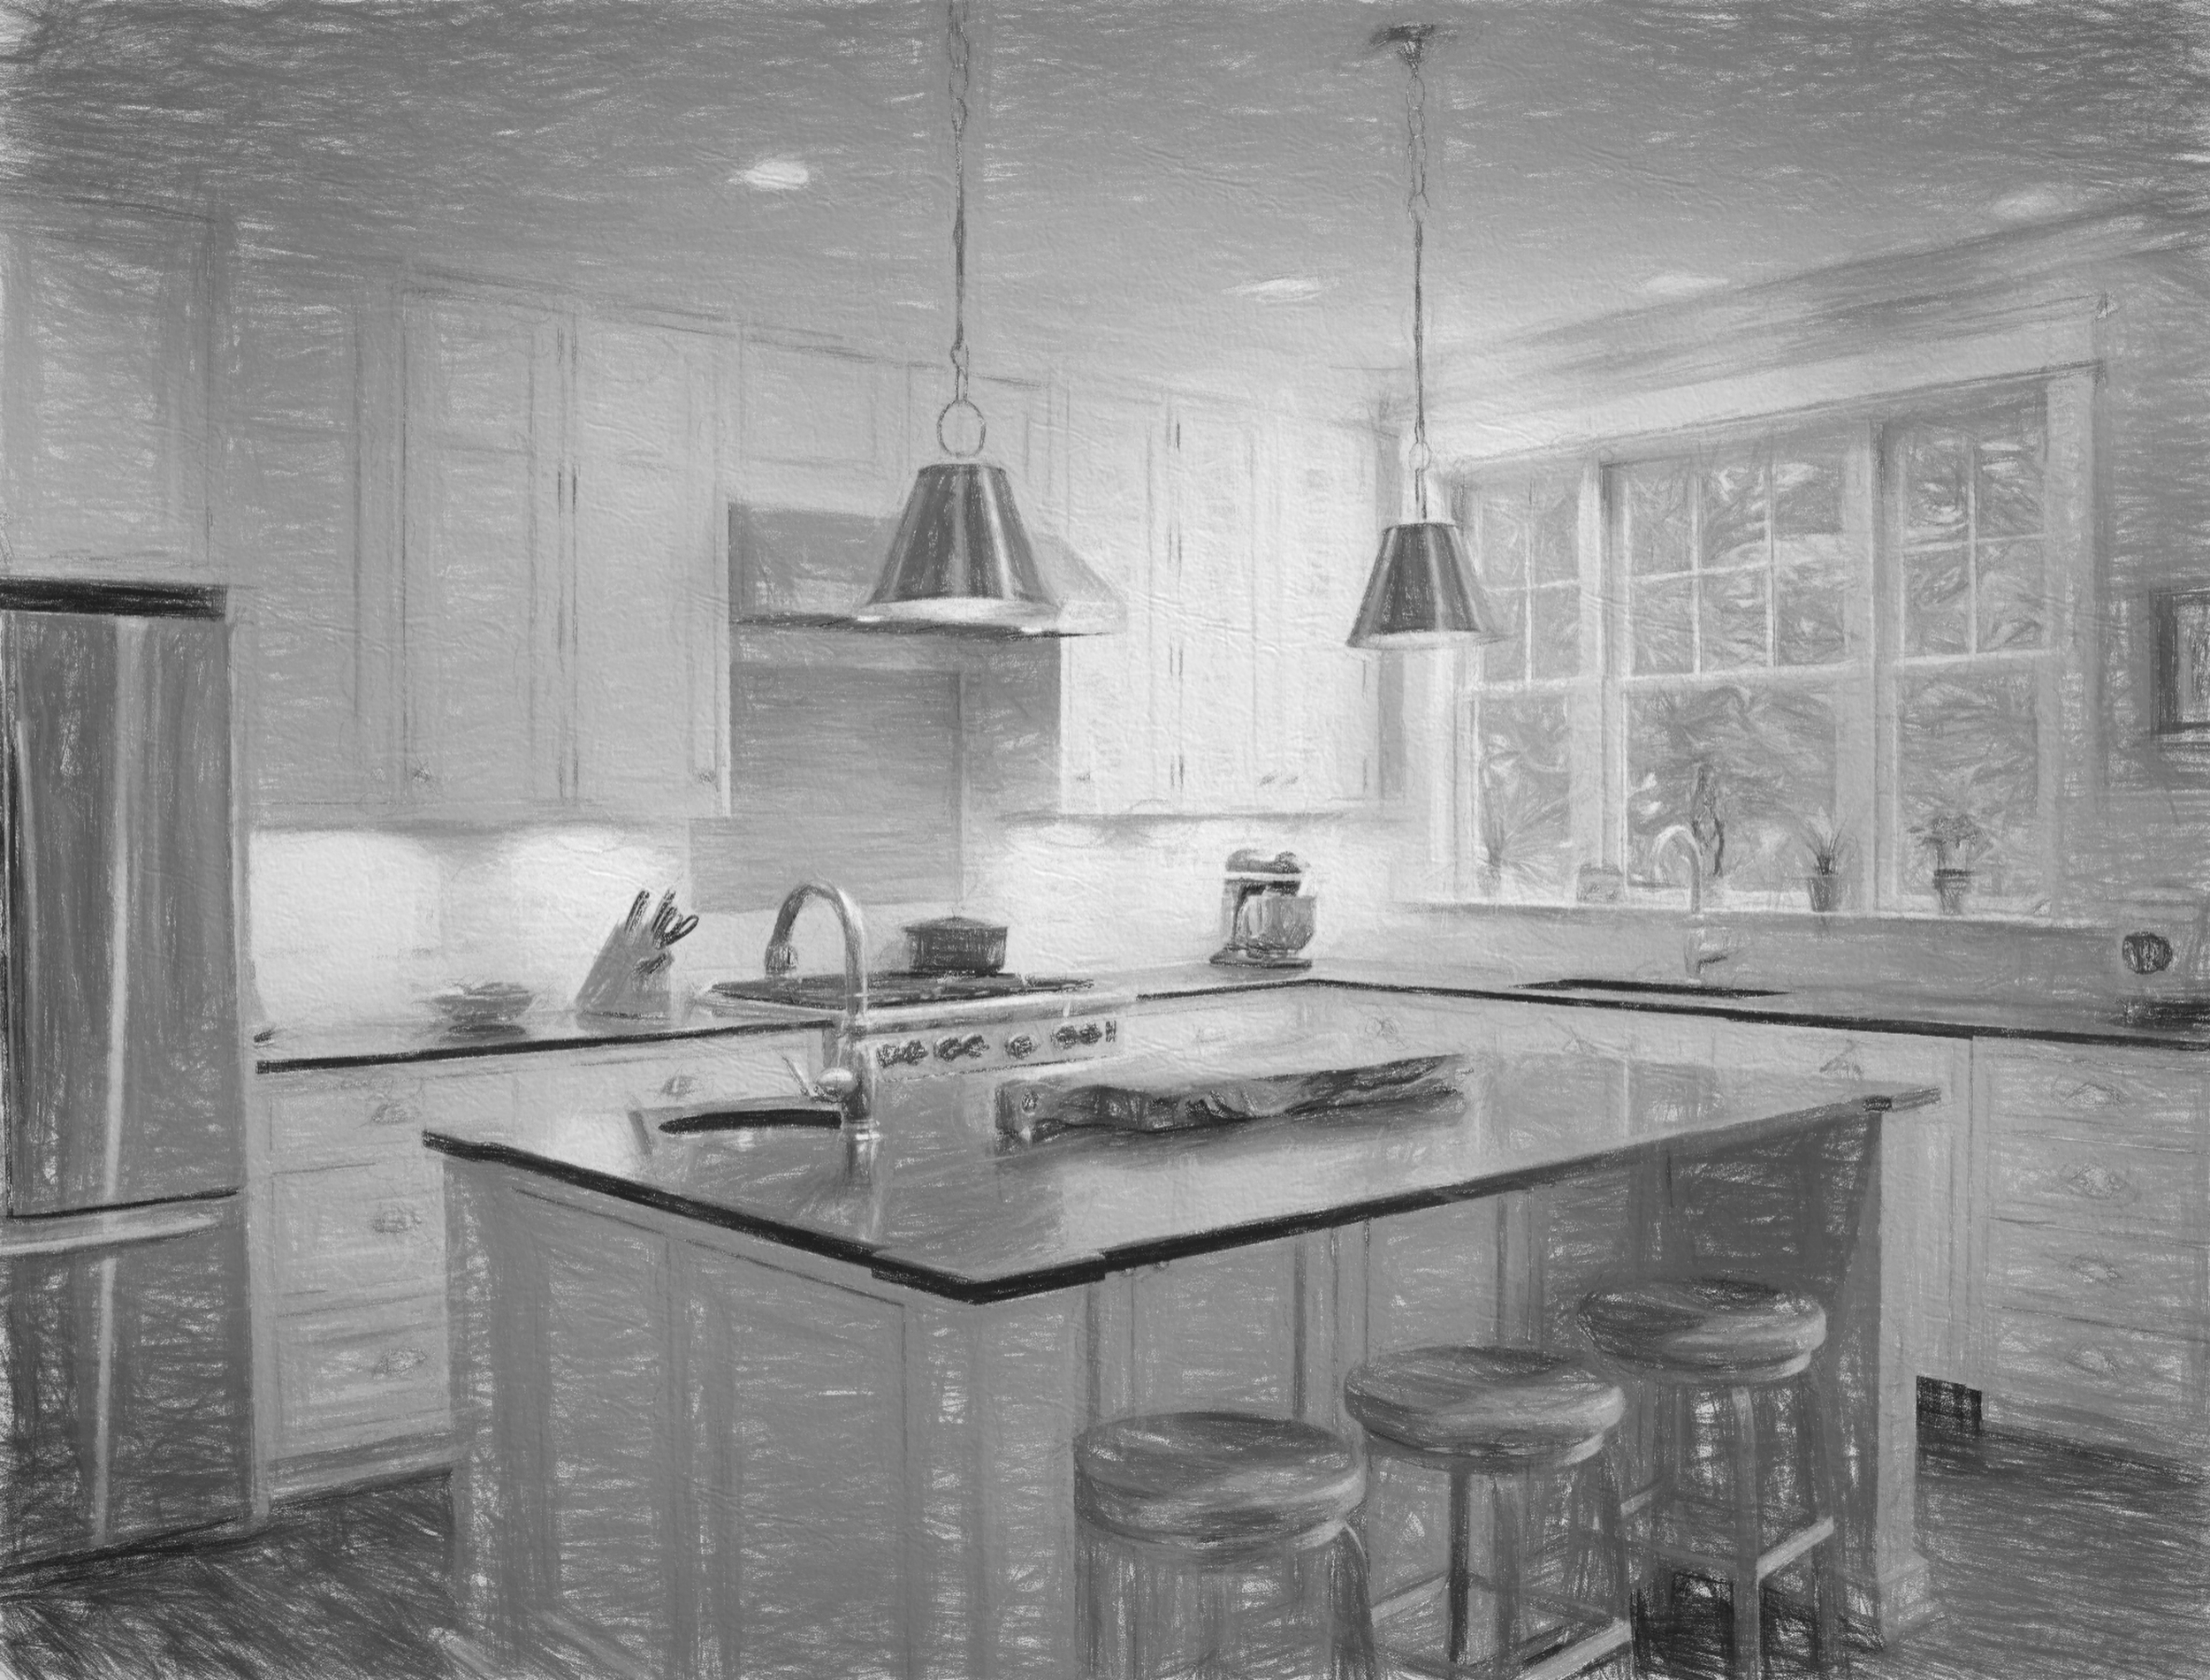 kitchen sketch best.jpg